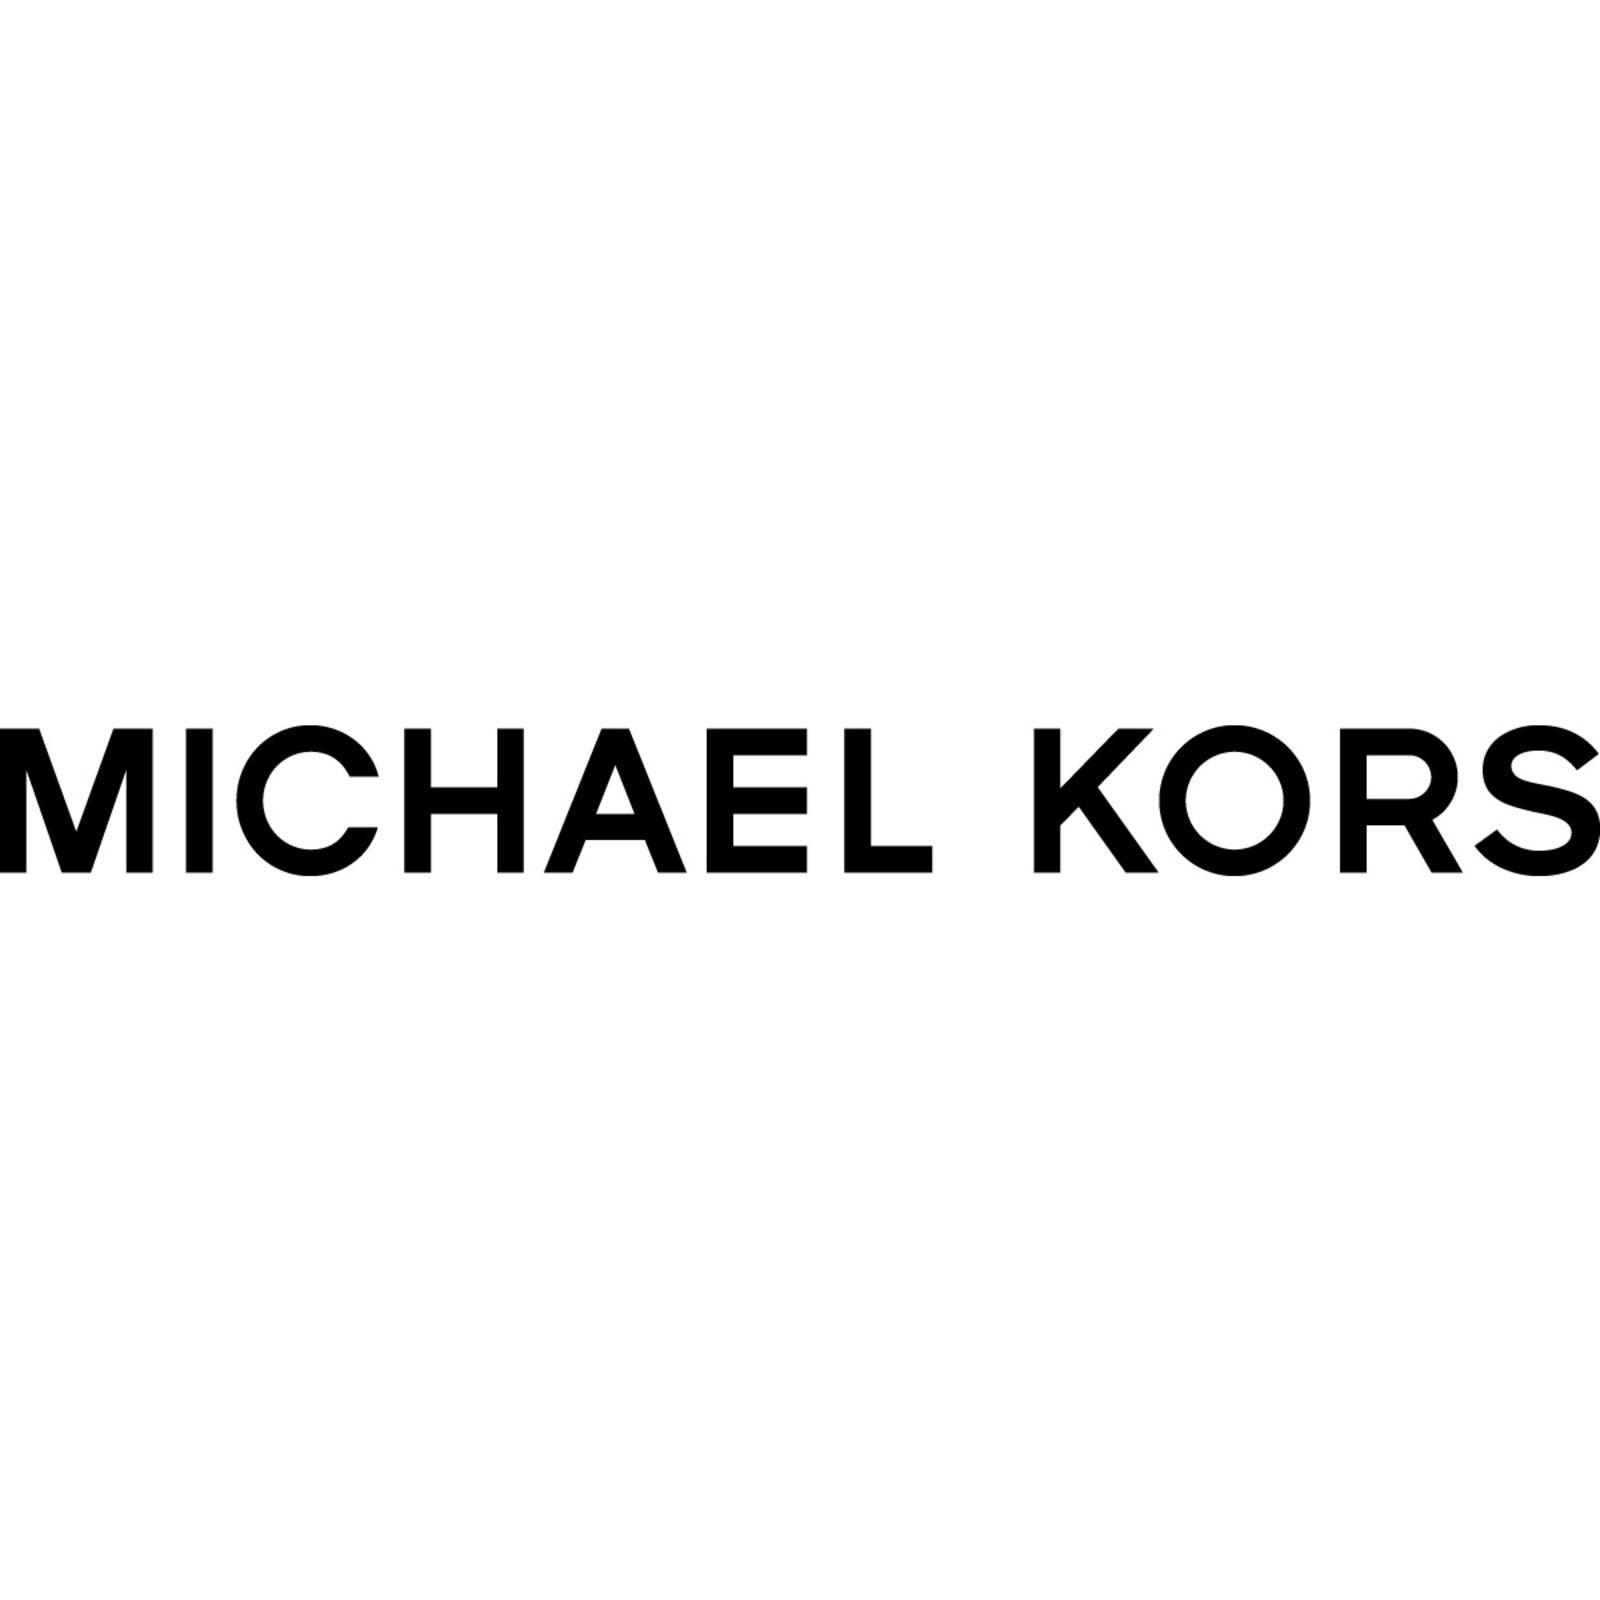 MICHAEL KORS Eyewear (Image 1)